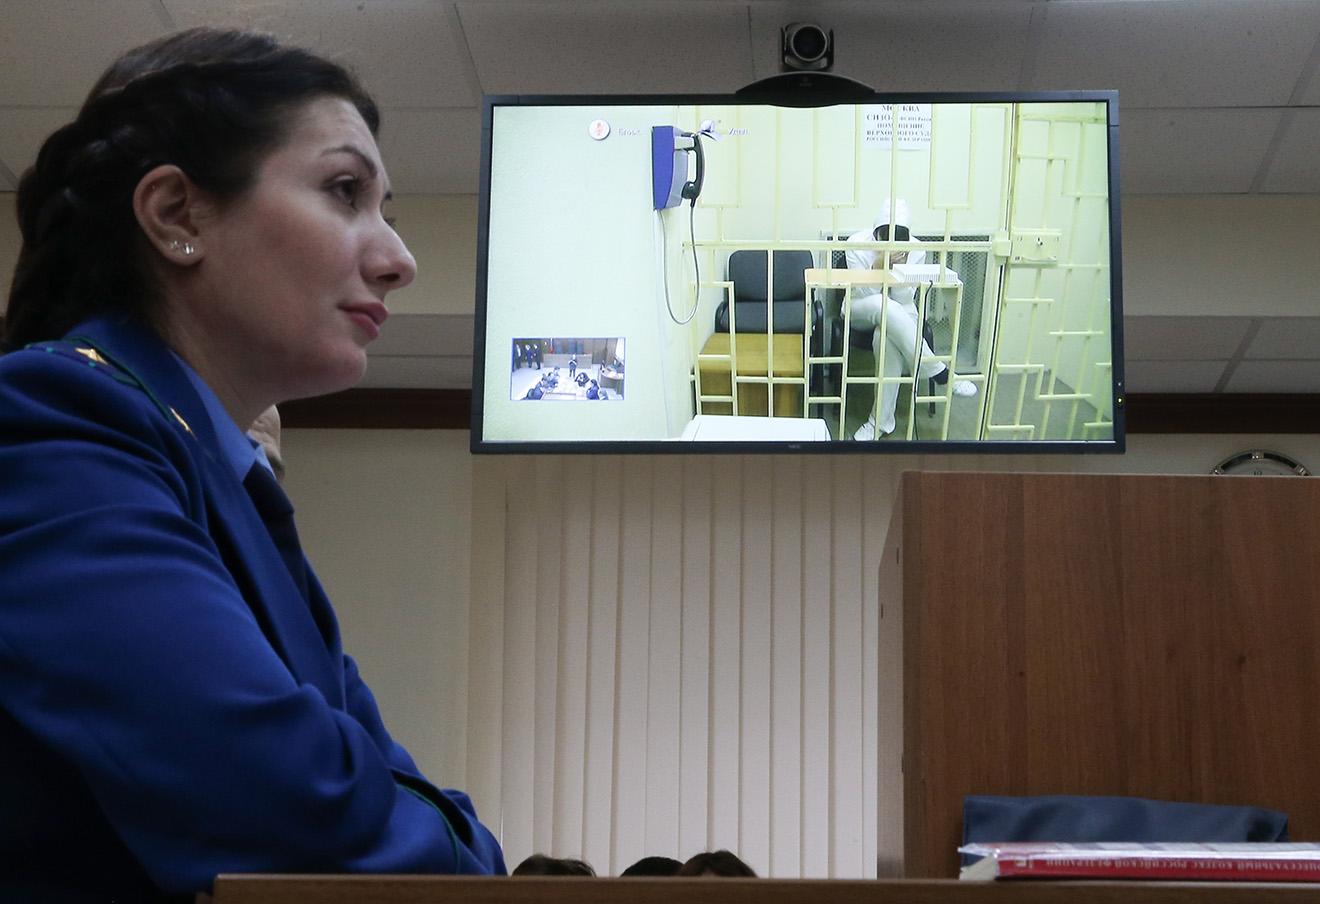 Караулову обвиняют в бегстве к членам незаконных вооруженных формирований